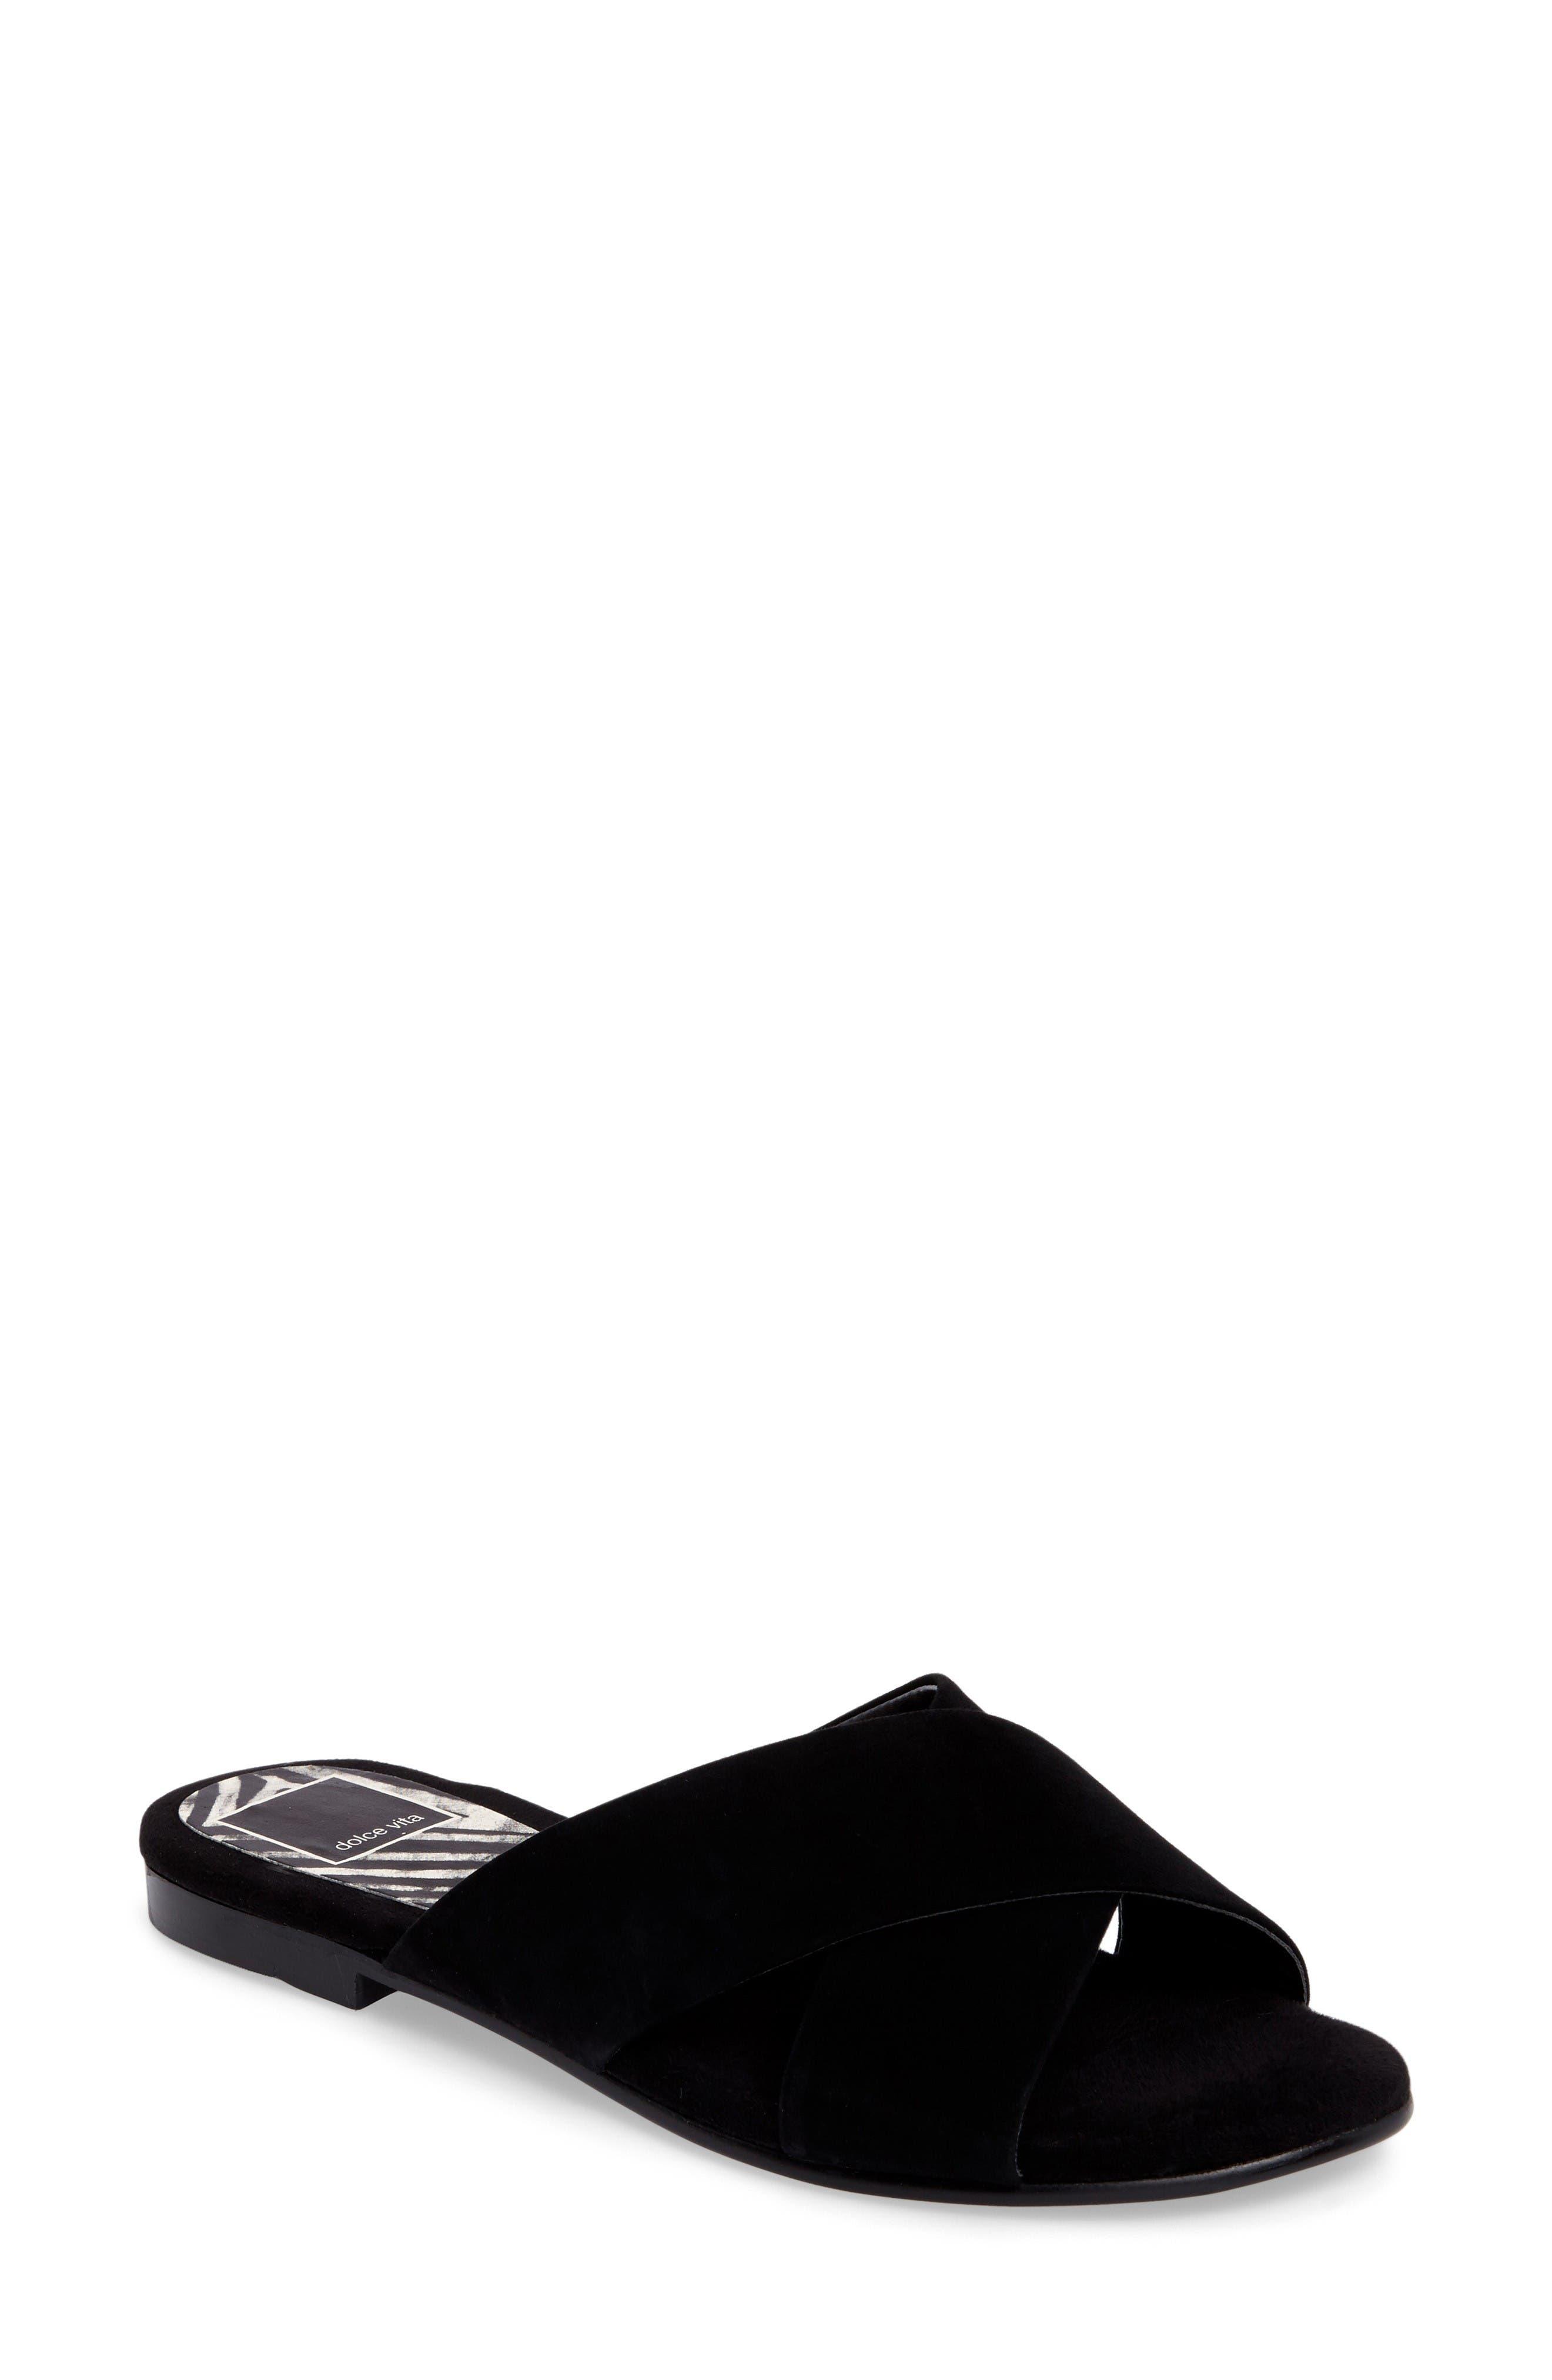 Alternate Image 1 Selected - Dolce Vita Cross Strap Slide Sandal (Women)